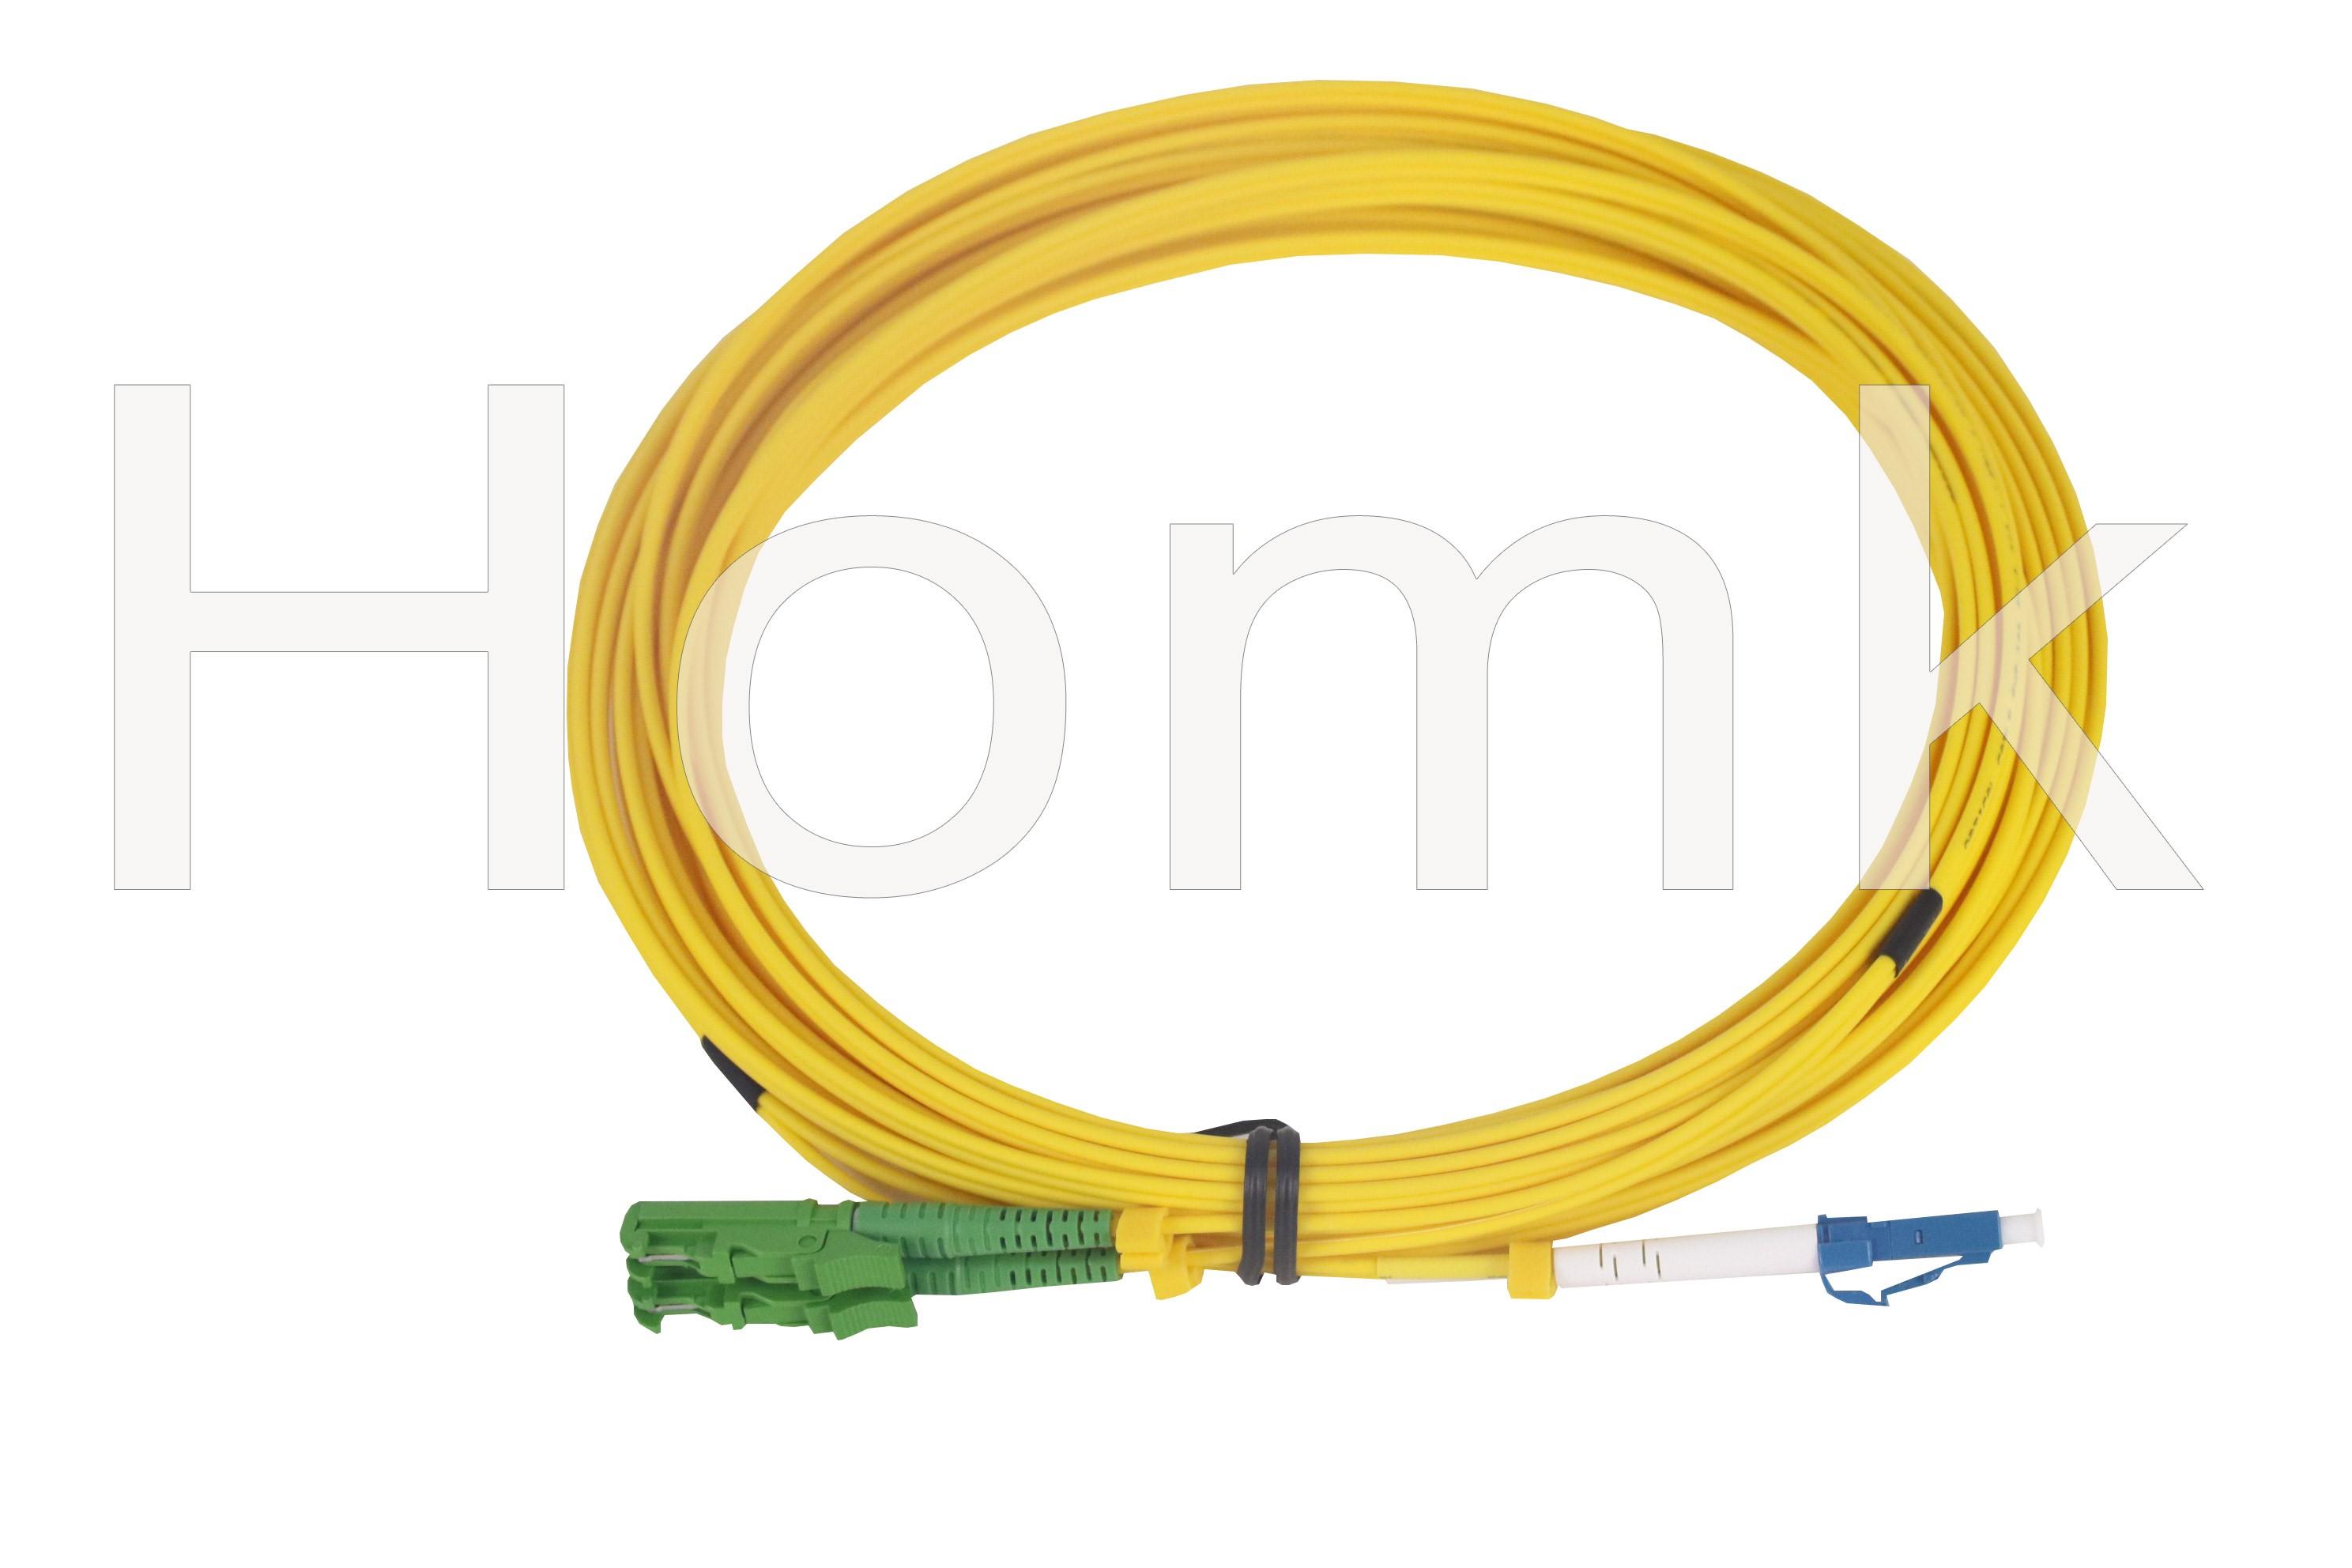 E2000 APC-LCPC SM DX Fiber Patch Cord 10M